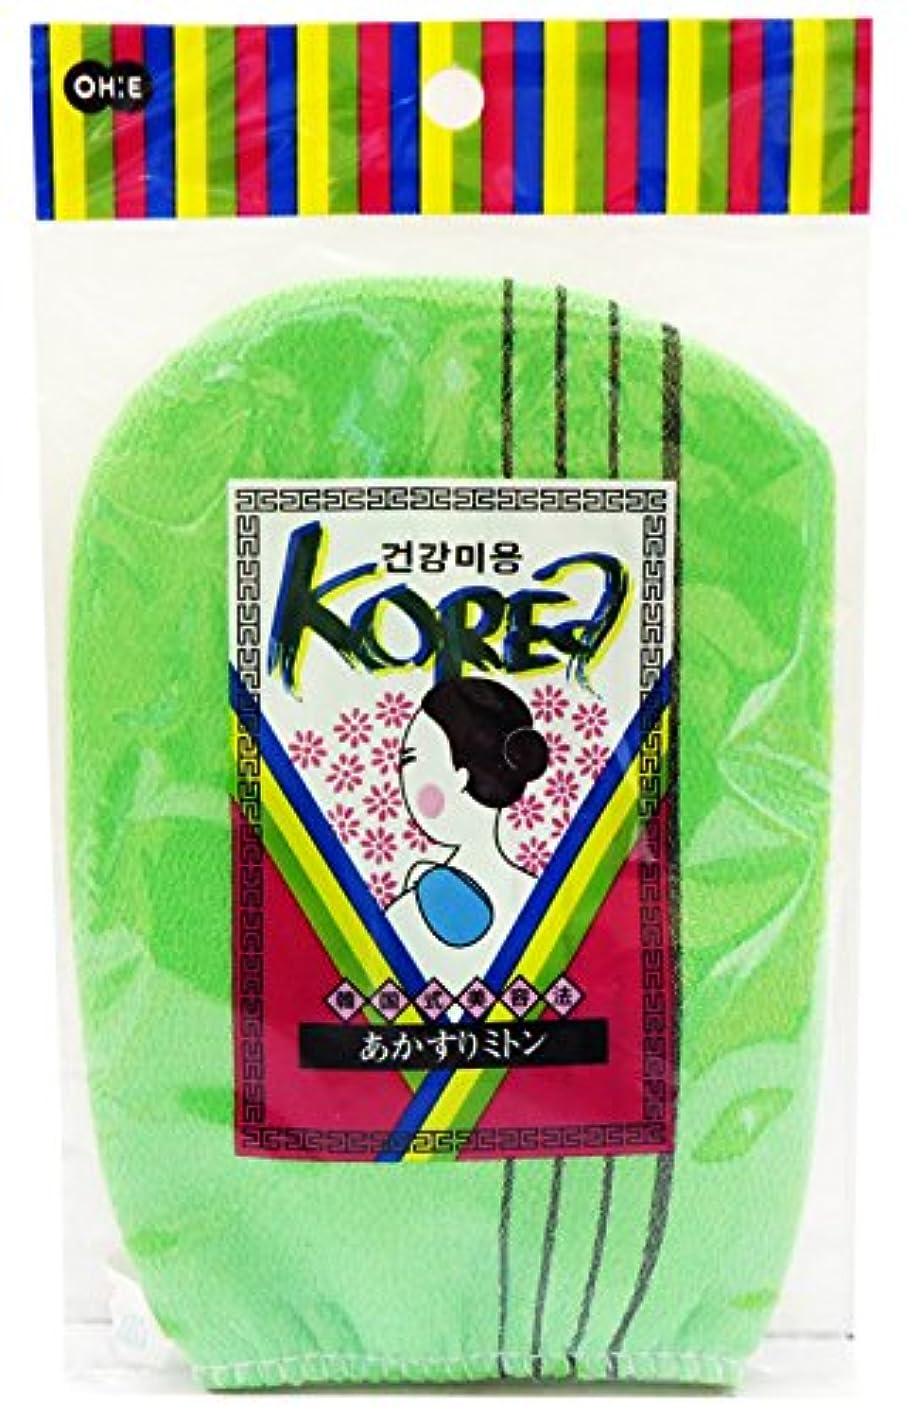 オーエ ボディタオル グリーン 約縦18×横13cm 韓国式 あかすり ミトン 角質とり